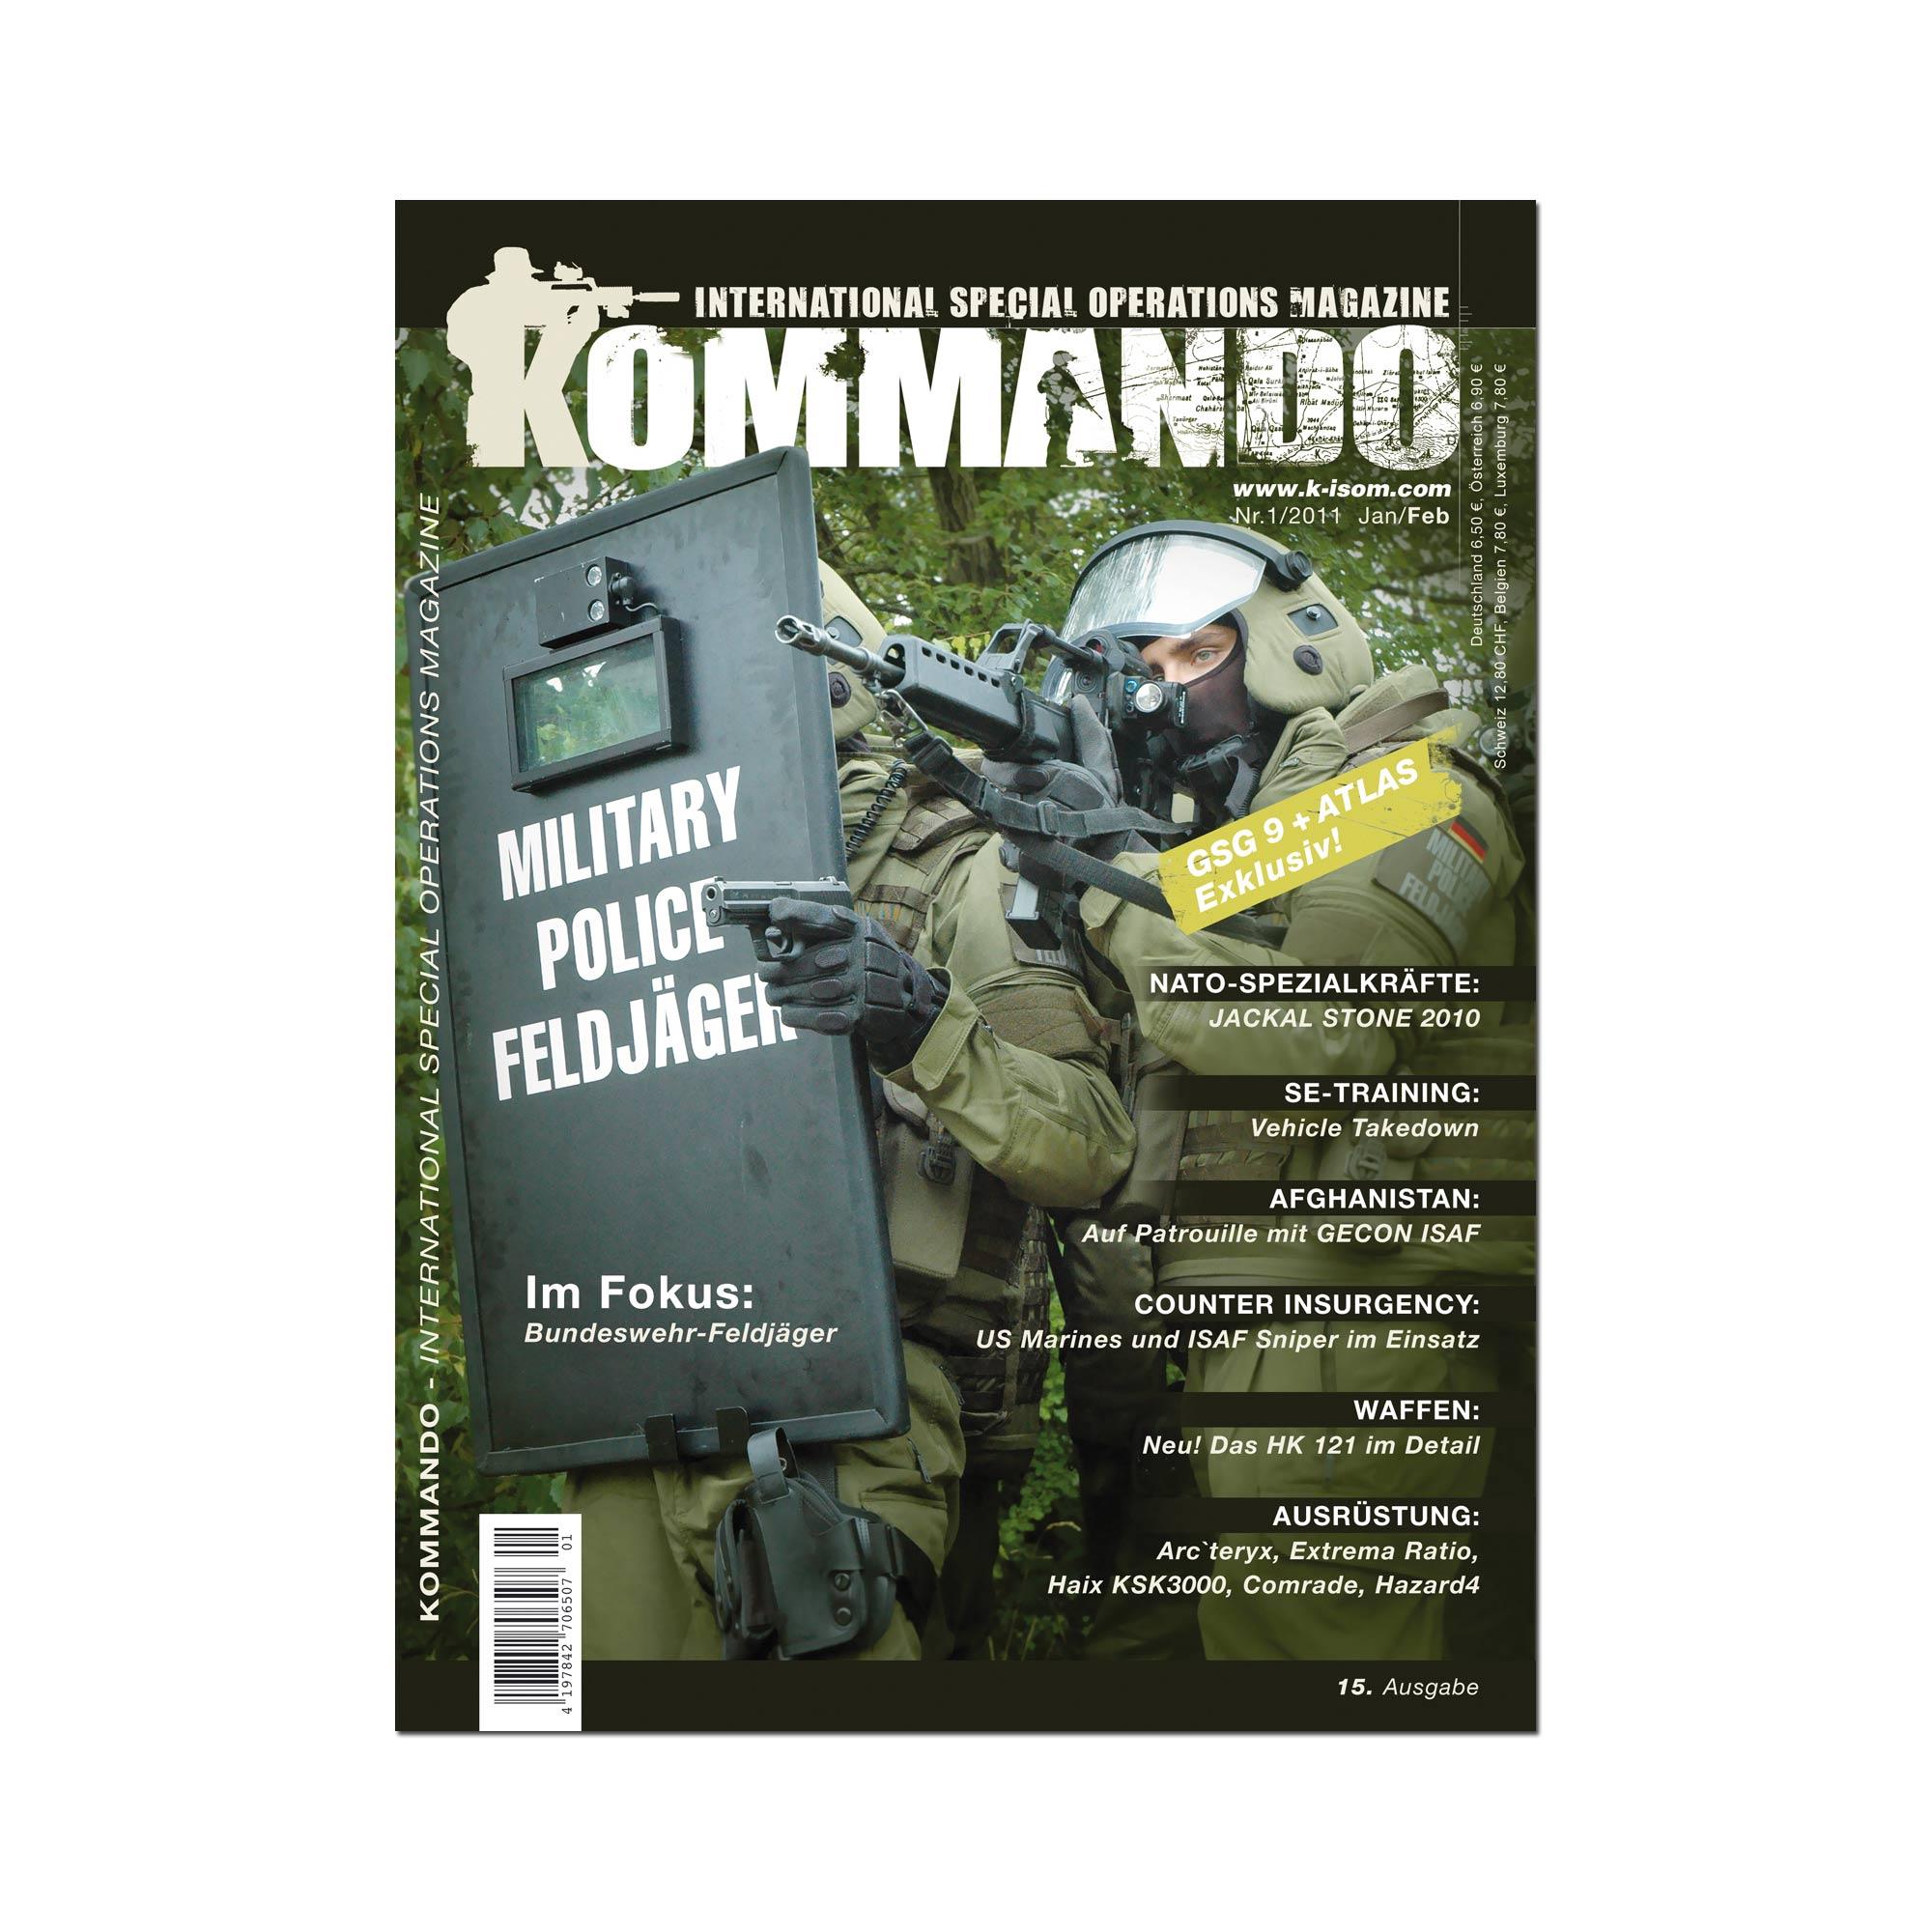 Kommando Magazin K-ISOM Ausgabe: 15